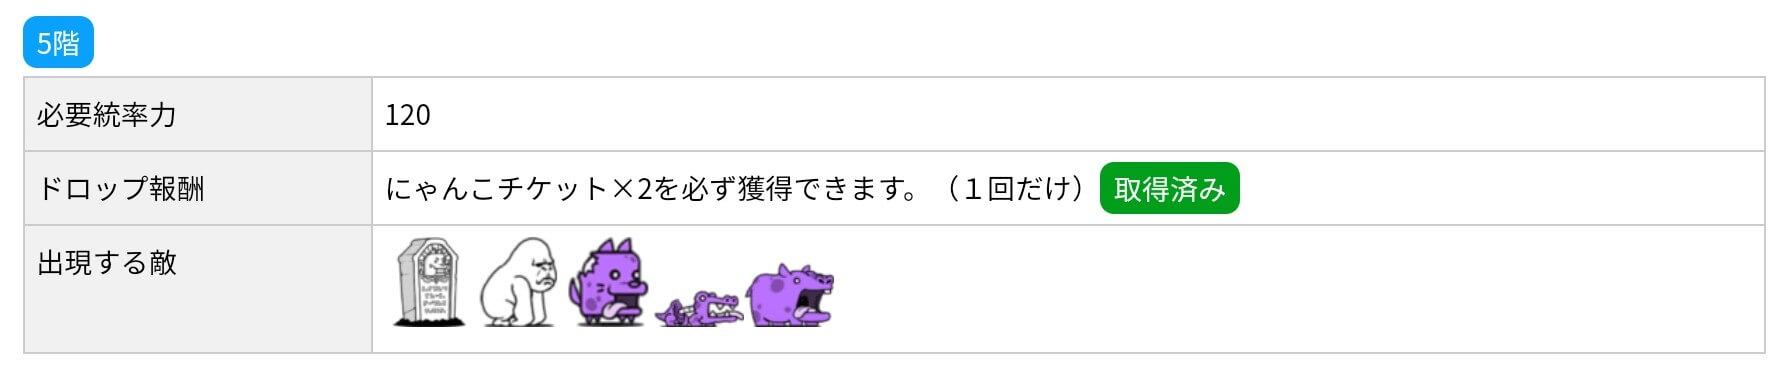 にゃんこ別塔(屍)5階 敵編成